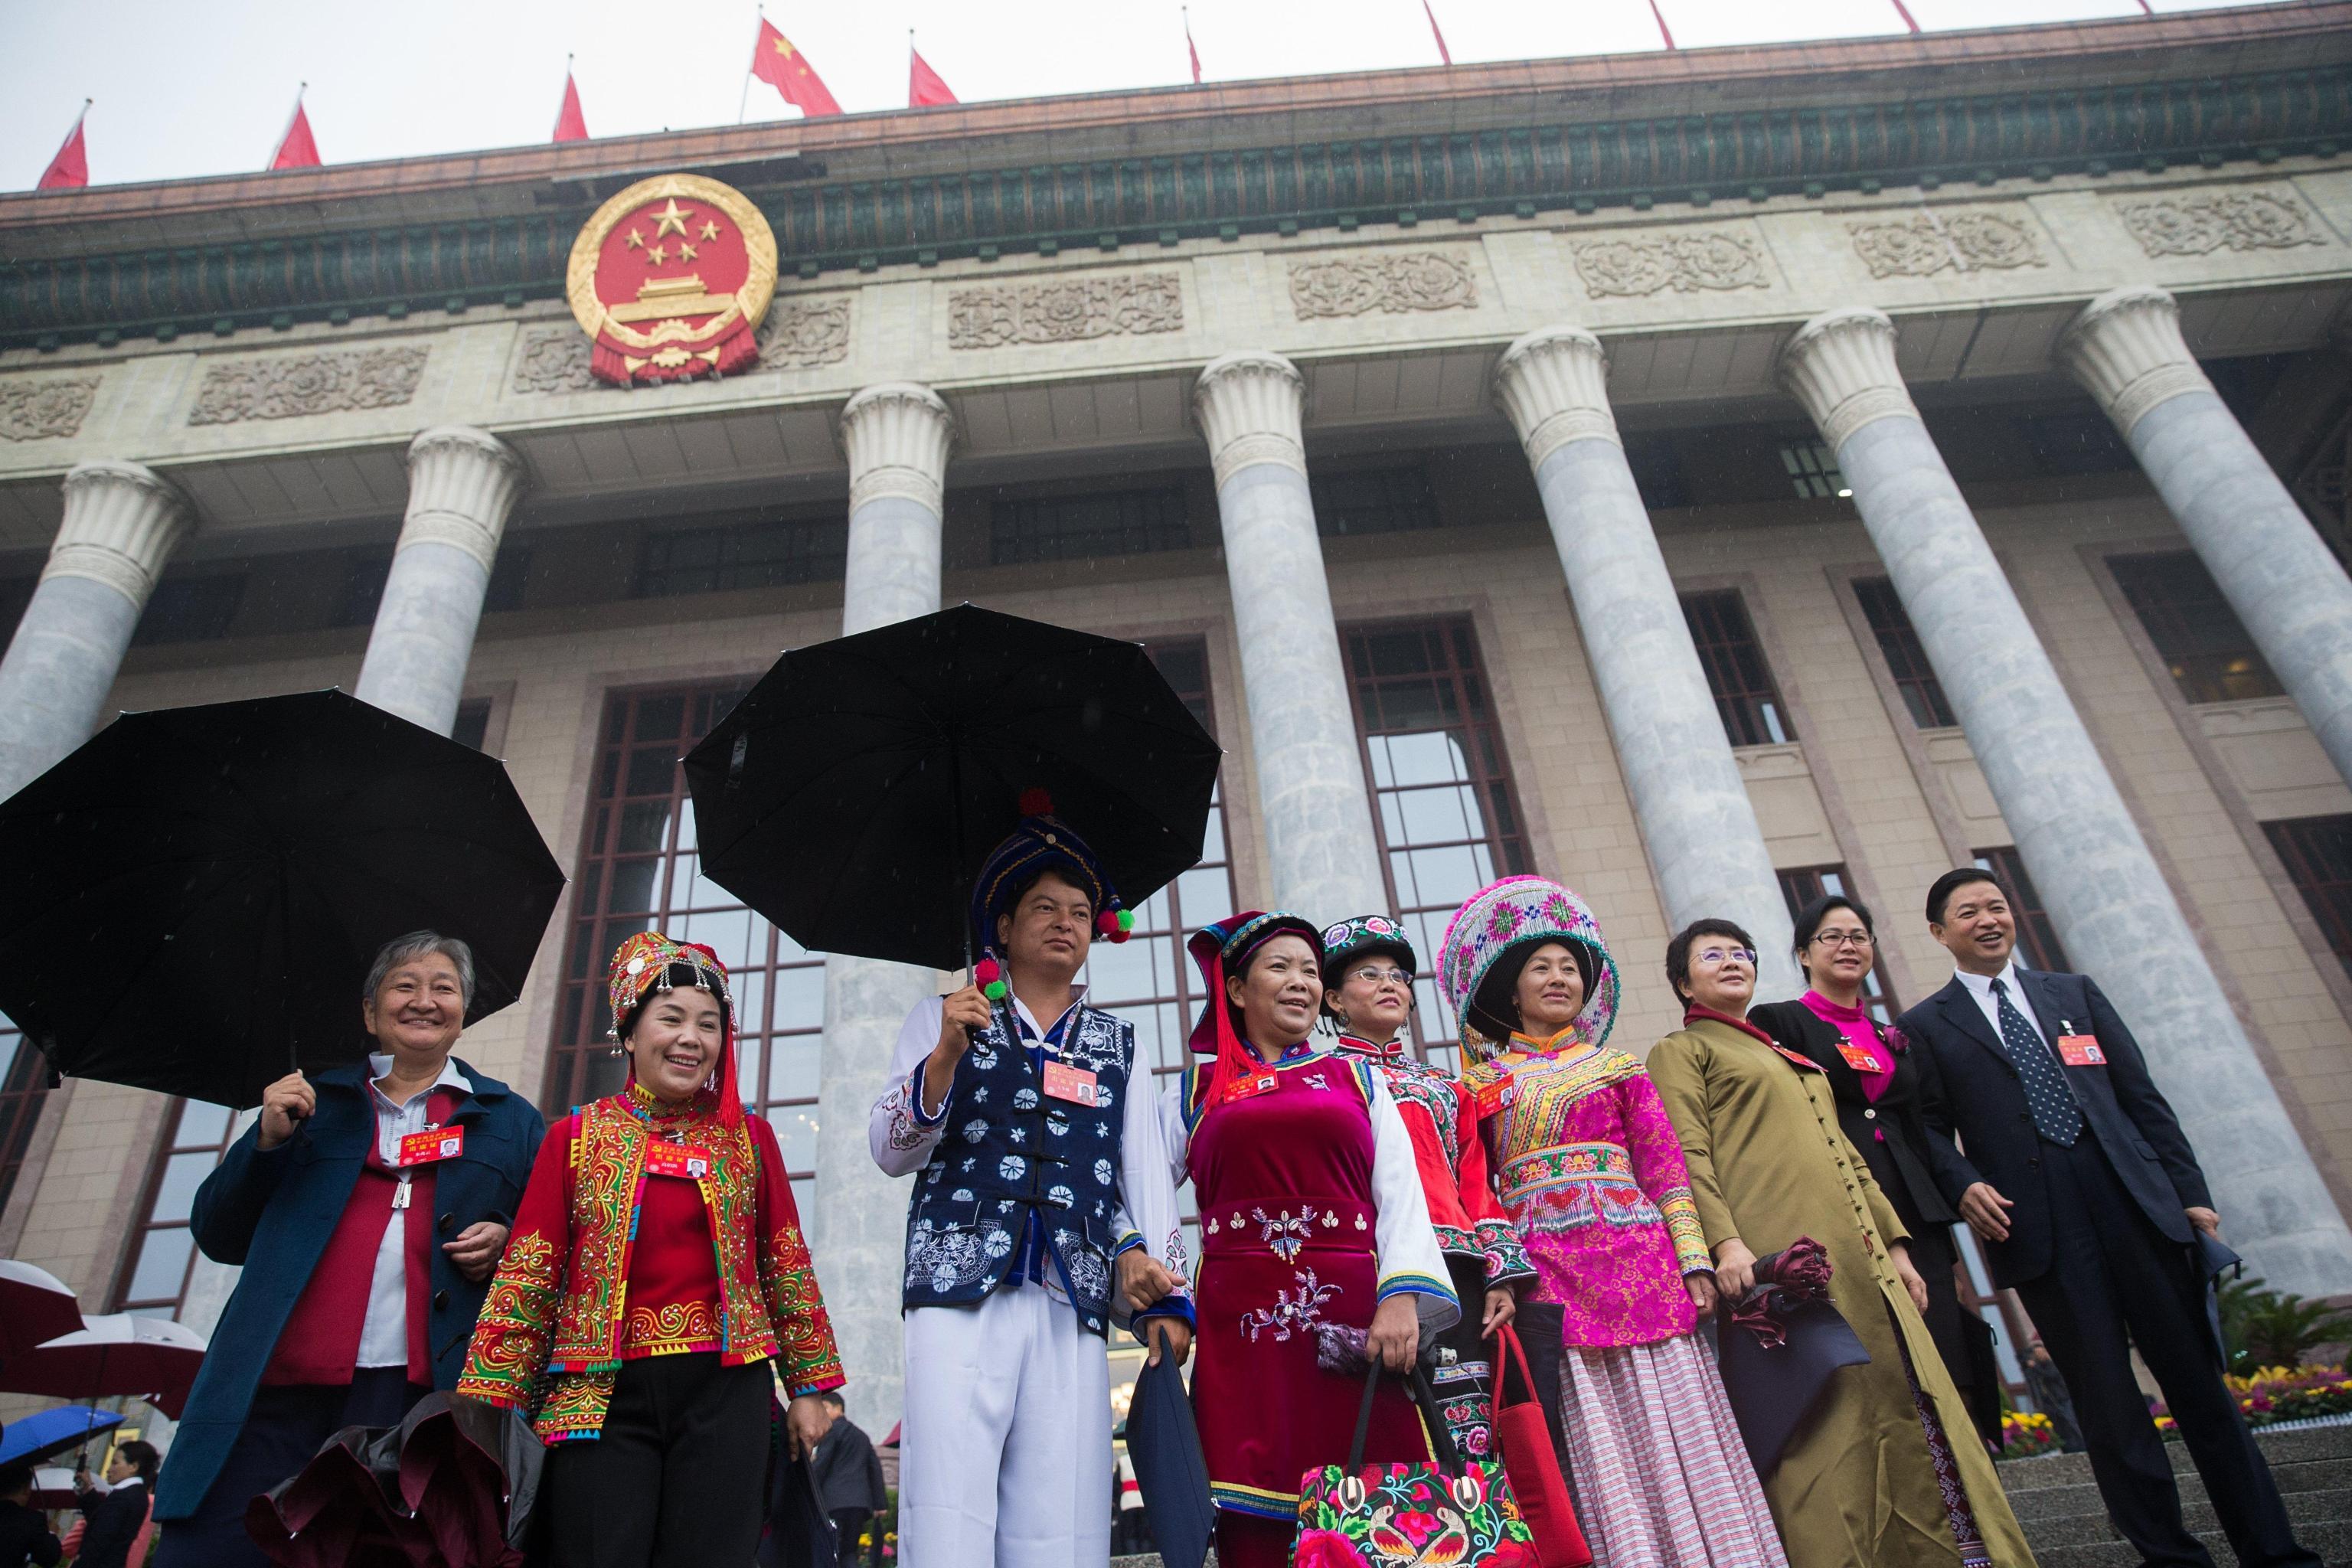 I delegati minori vestono costumi tradizionali per la cerimonia di apertura